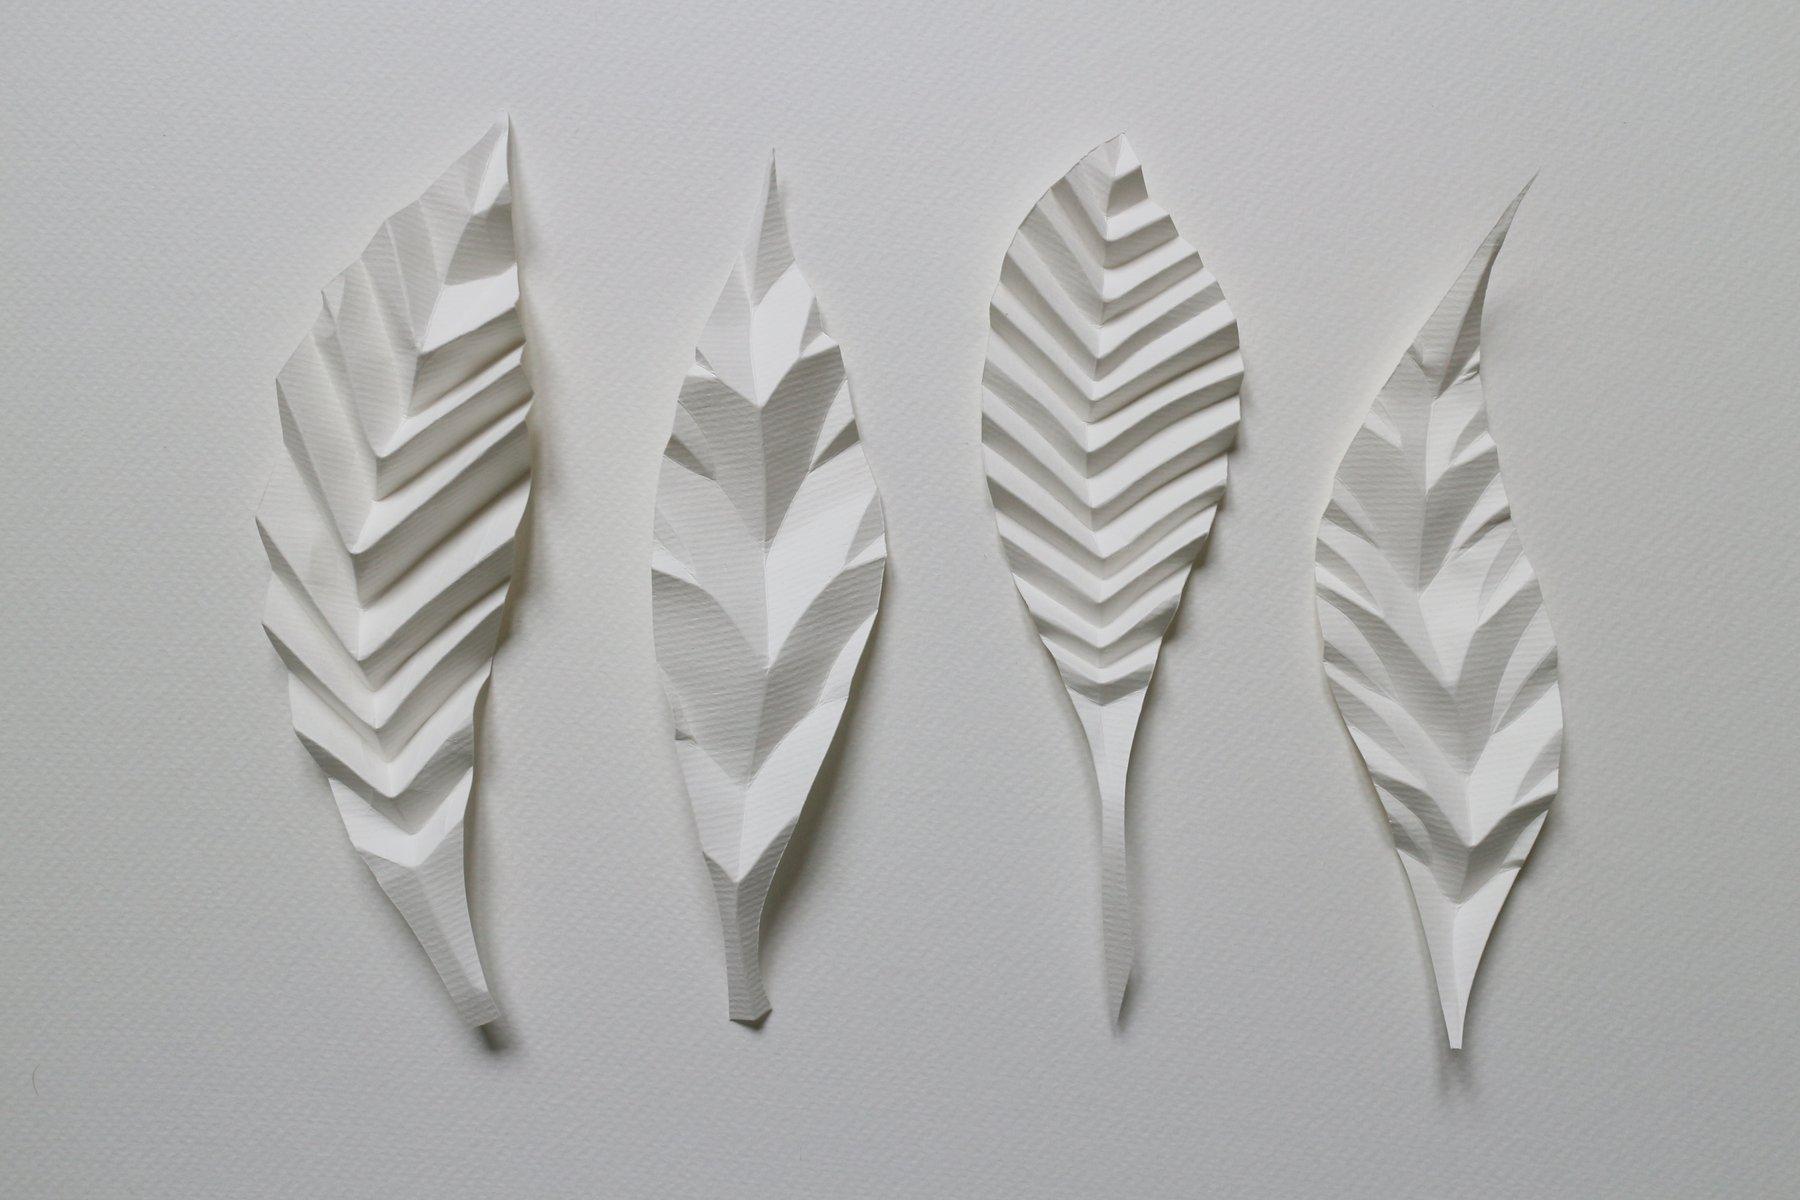 4 feuilles de papiers nervurées